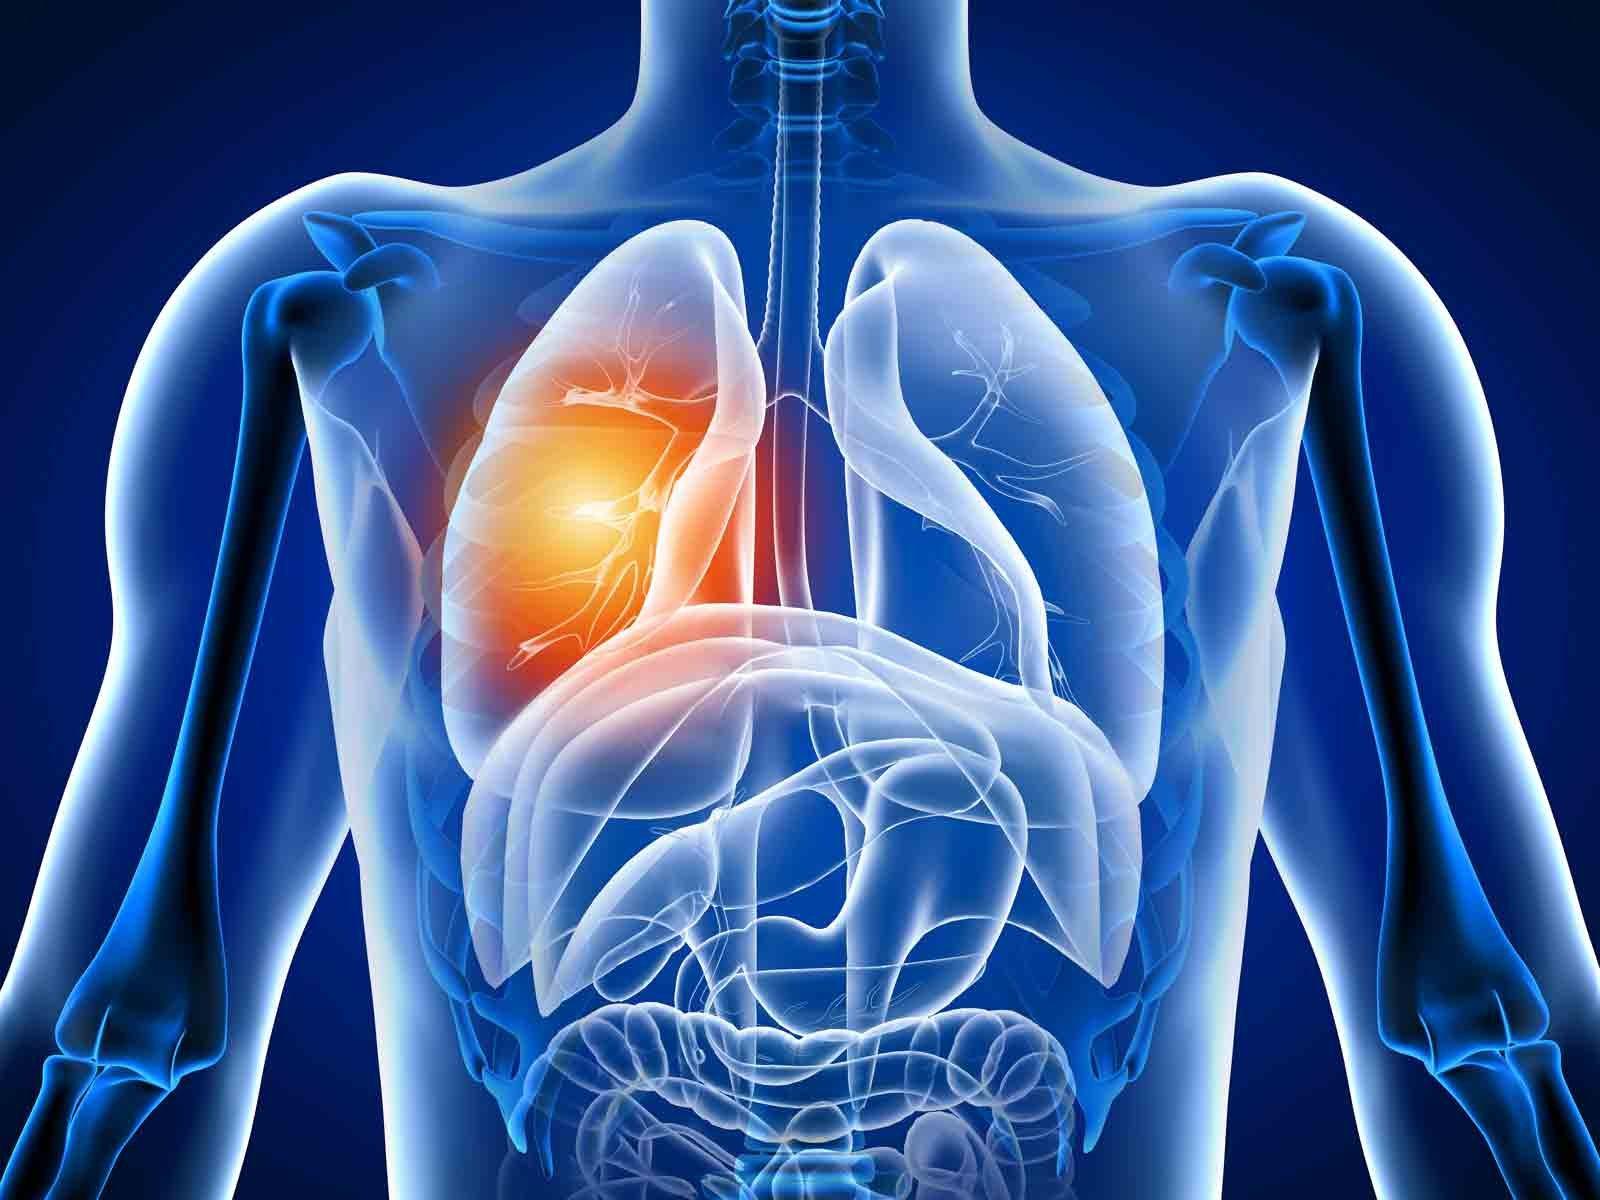 La bronchite peut être causée par une irritation des poumons